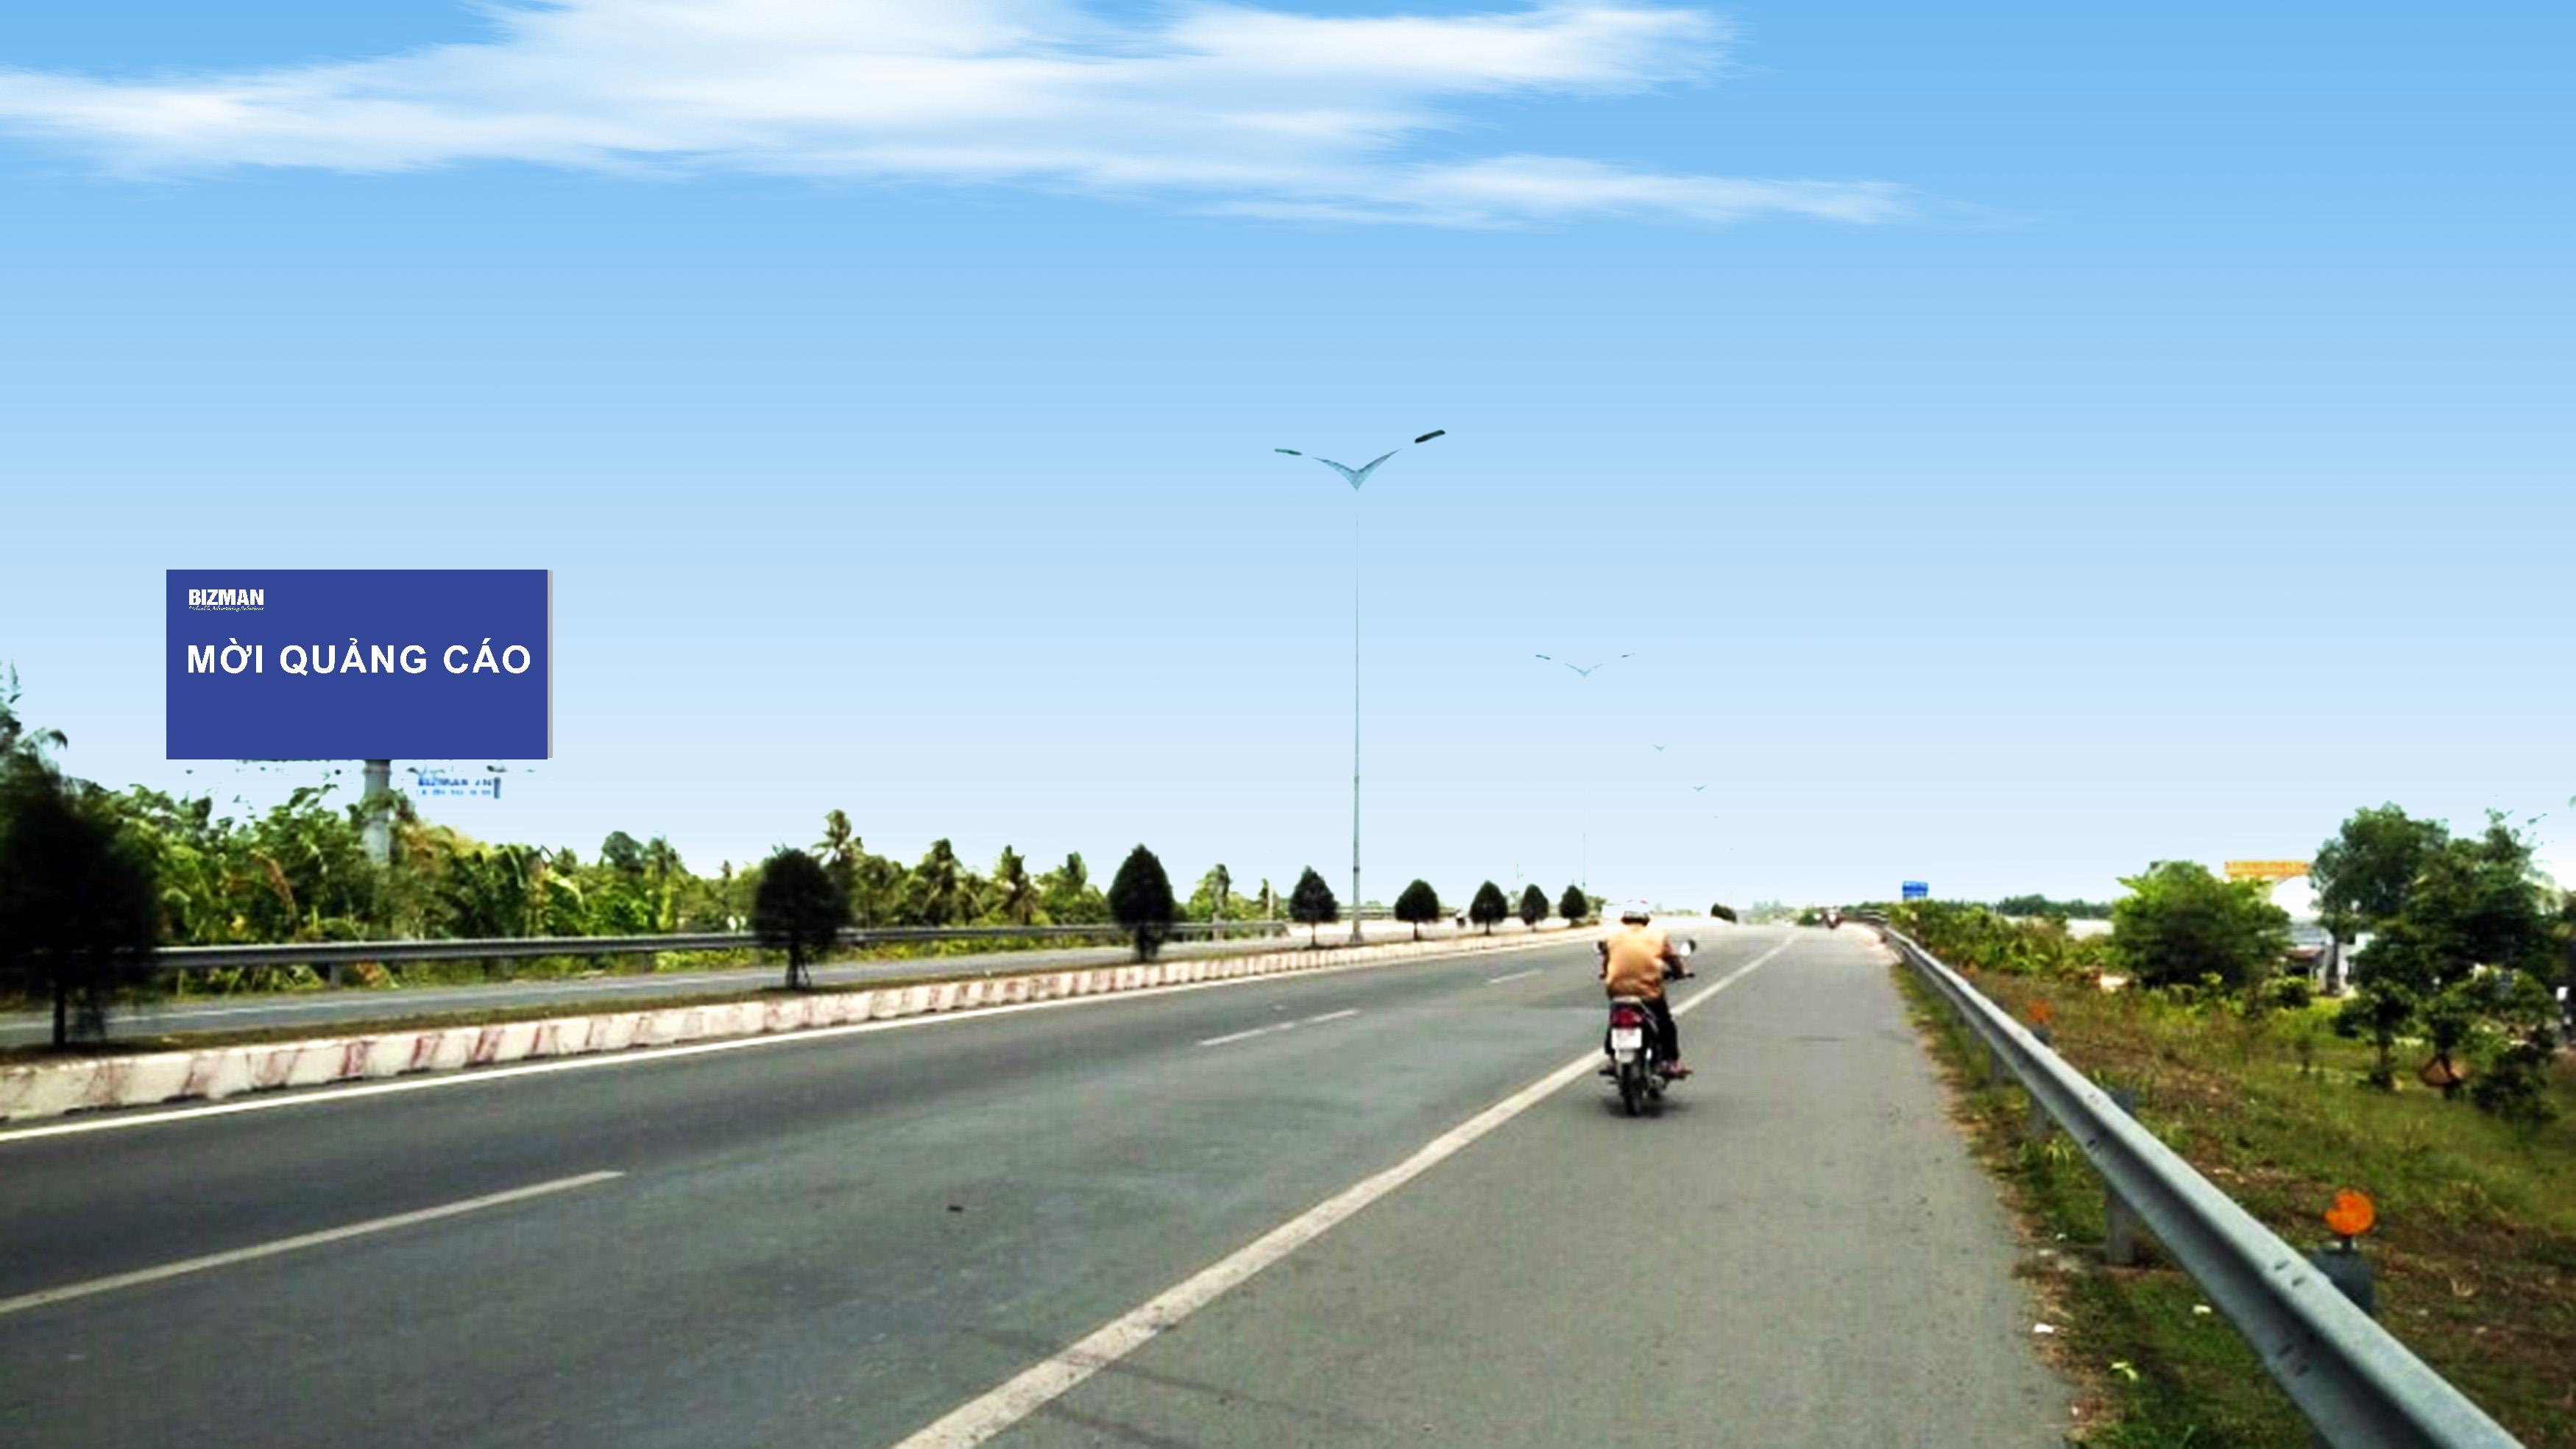 Vị trí CCT47 - Km 12+500 (Bên trái): Nằm trên tuyến QL1A, đoạn Vĩnh Long - Cần Thơ, tỉnh Cần Thơ